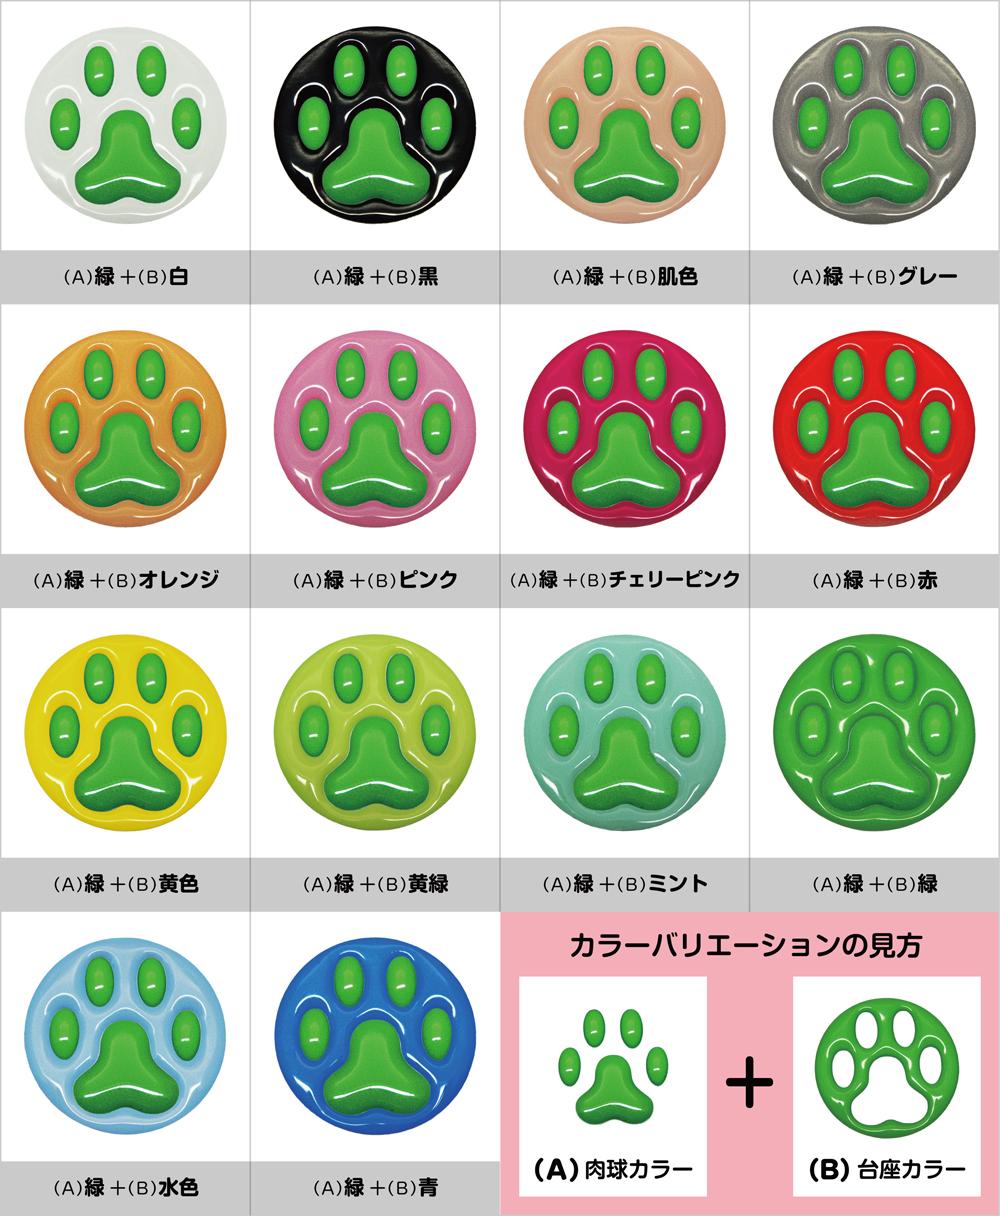 肉球ゴルフマーカー 緑色タイプ 14種